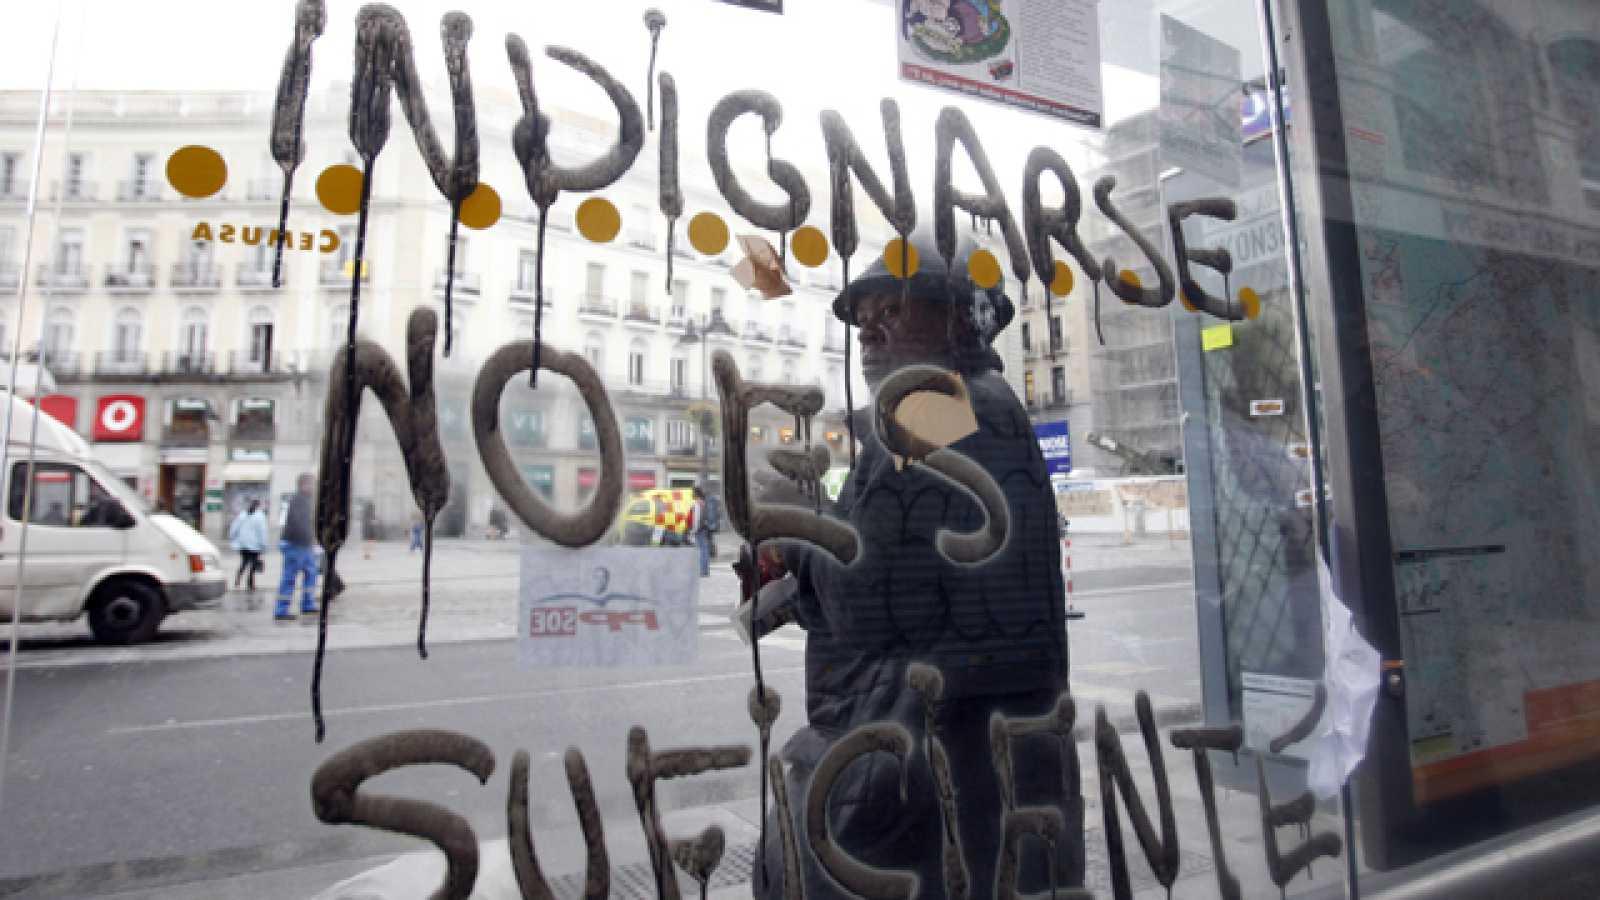 La Junta Electoral Central estudia si la acampada del 15-M interfiere en la campaña